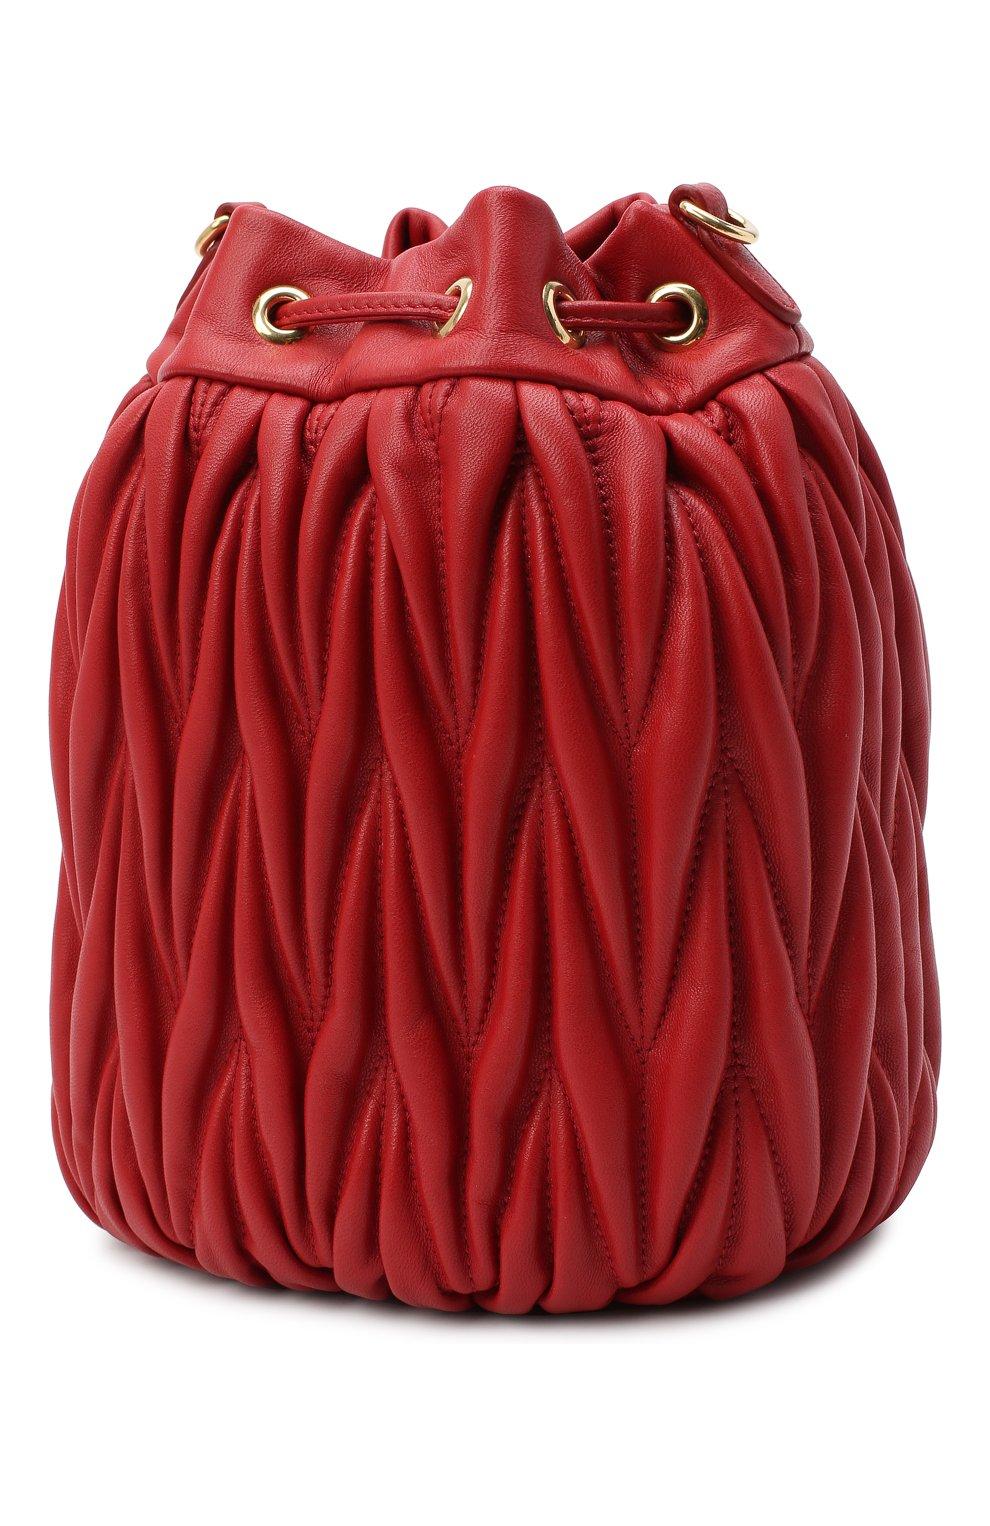 Женский сумка MIU MIU красного цвета, арт. 5BE014-N88-F068Z-OOO | Фото 3